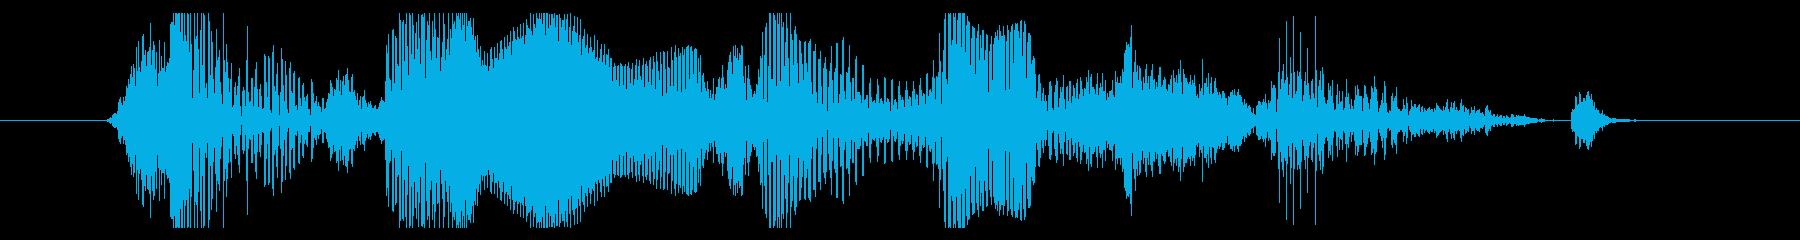 広告用ナレ_続きはWebで(英語)2の再生済みの波形